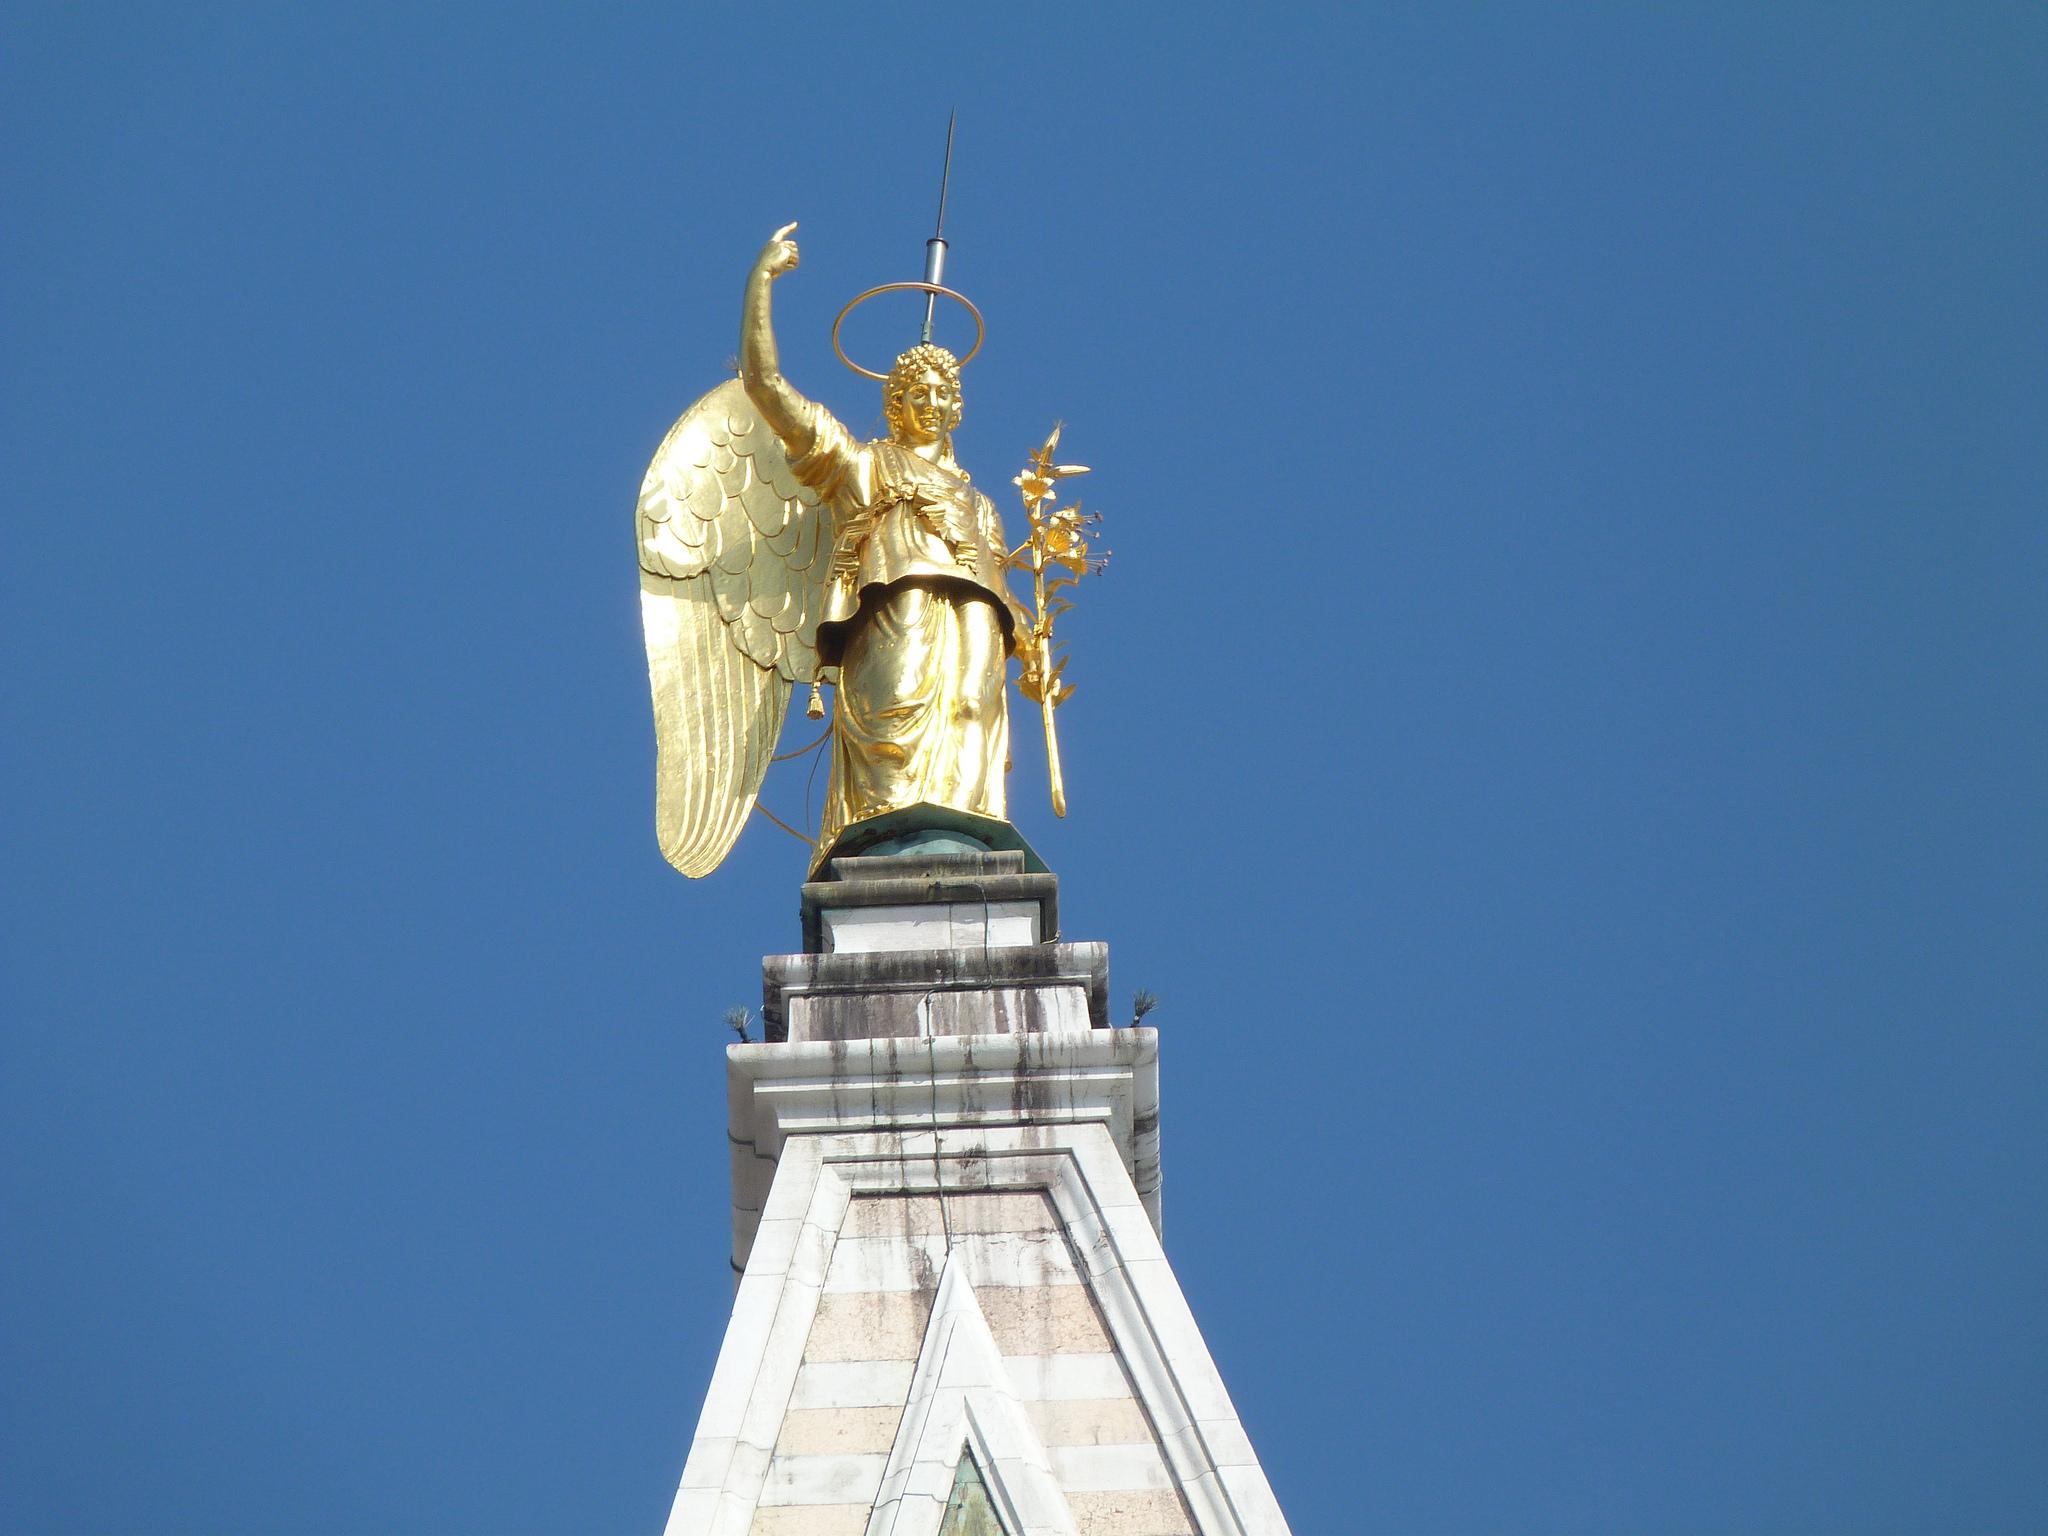 Кампанила собора Святого Марка, флюгер в виде золотого ангела